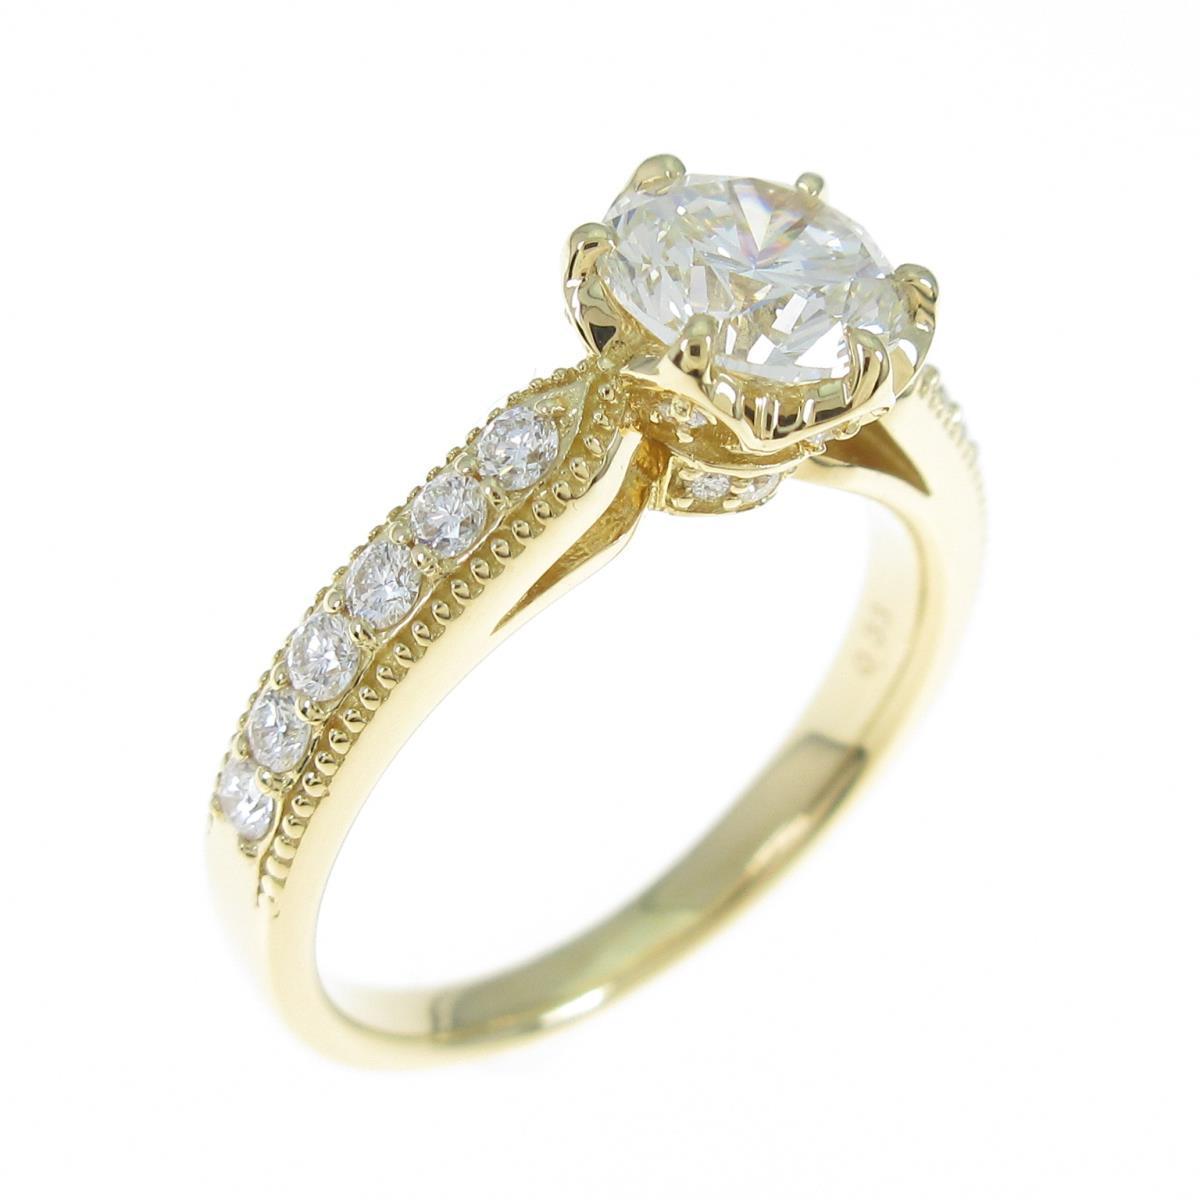 【リメイク】K18YG ダイヤモンドリング 1.042ct・H・SI1・GOOD【中古】